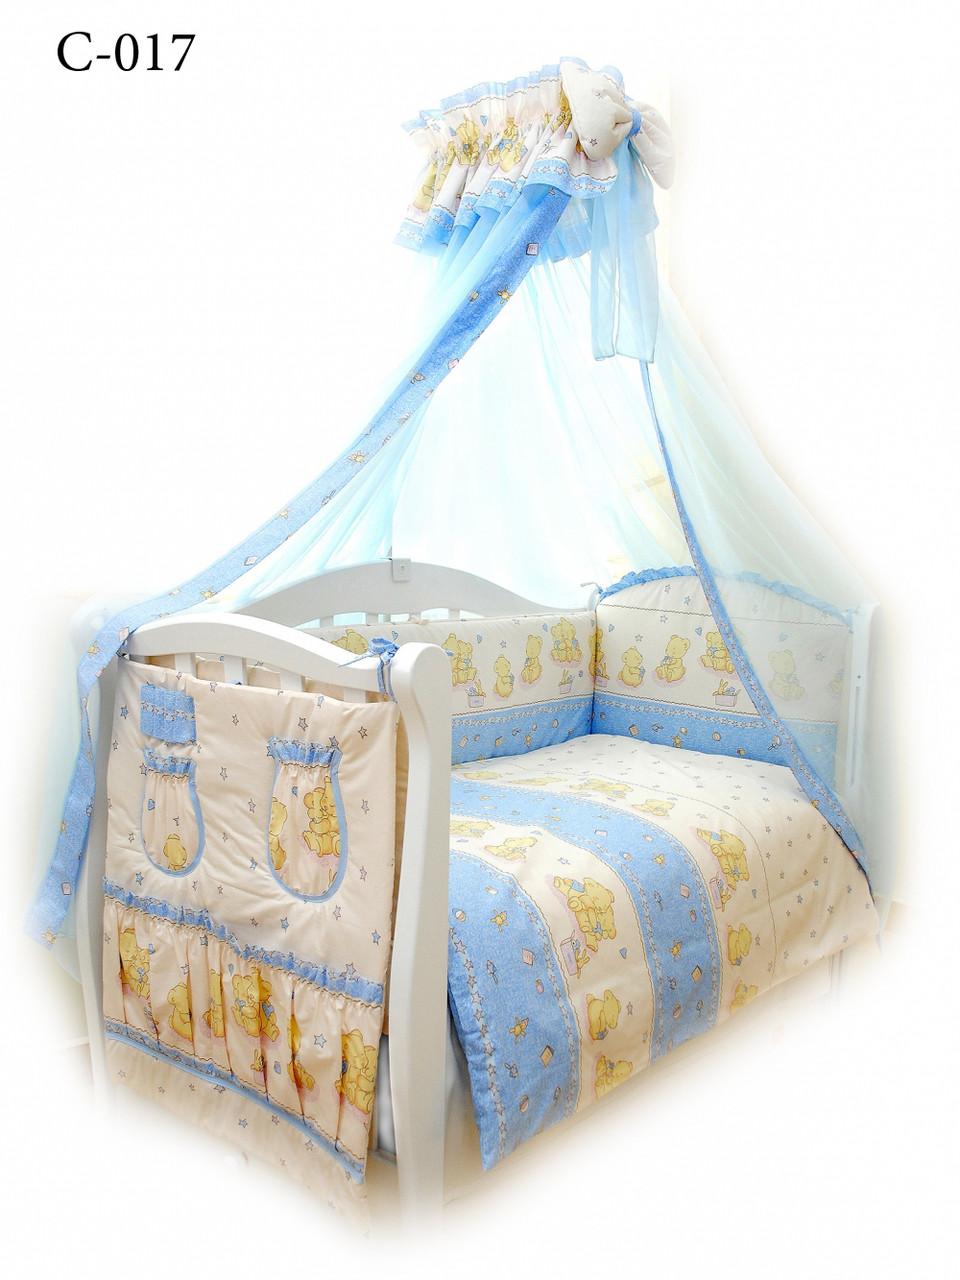 Детская постель Twins Comfort C-017 - Интернет-магазин детских колясок Verdi, Broco, Roan в Киеве